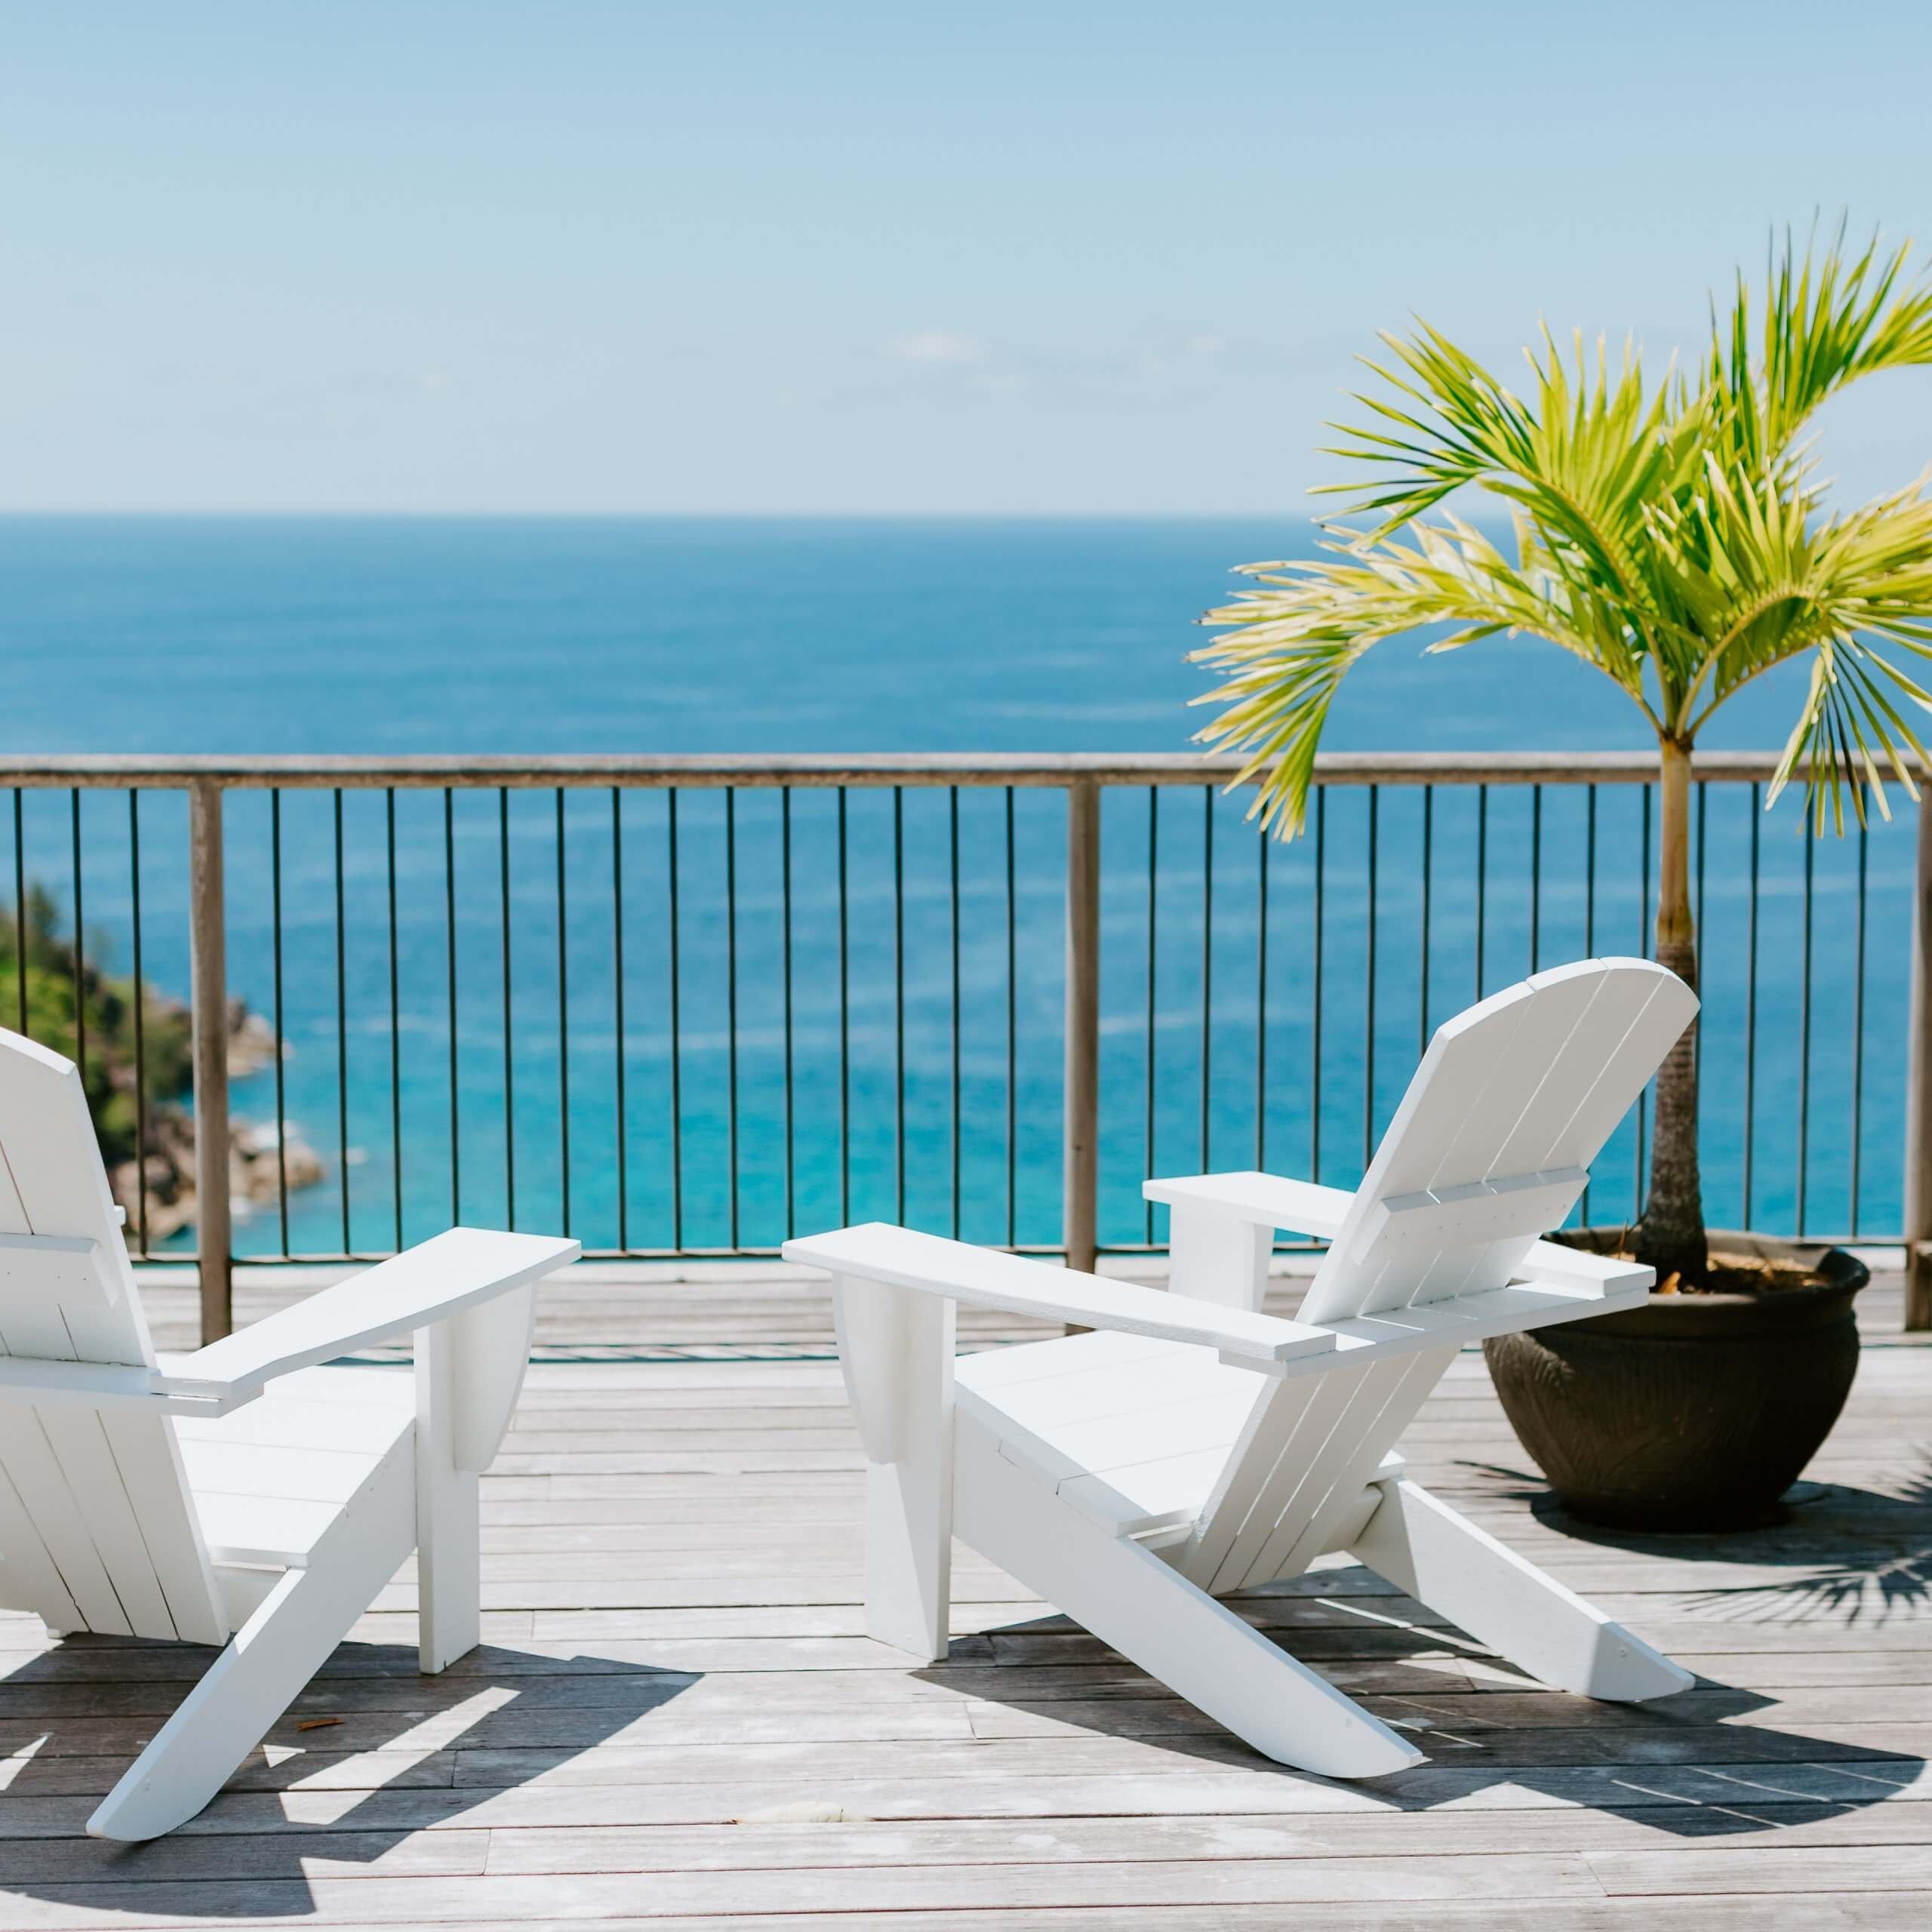 Antifurto estate: stare tranquilli nella casa al mare o nell'ufficio incustodito